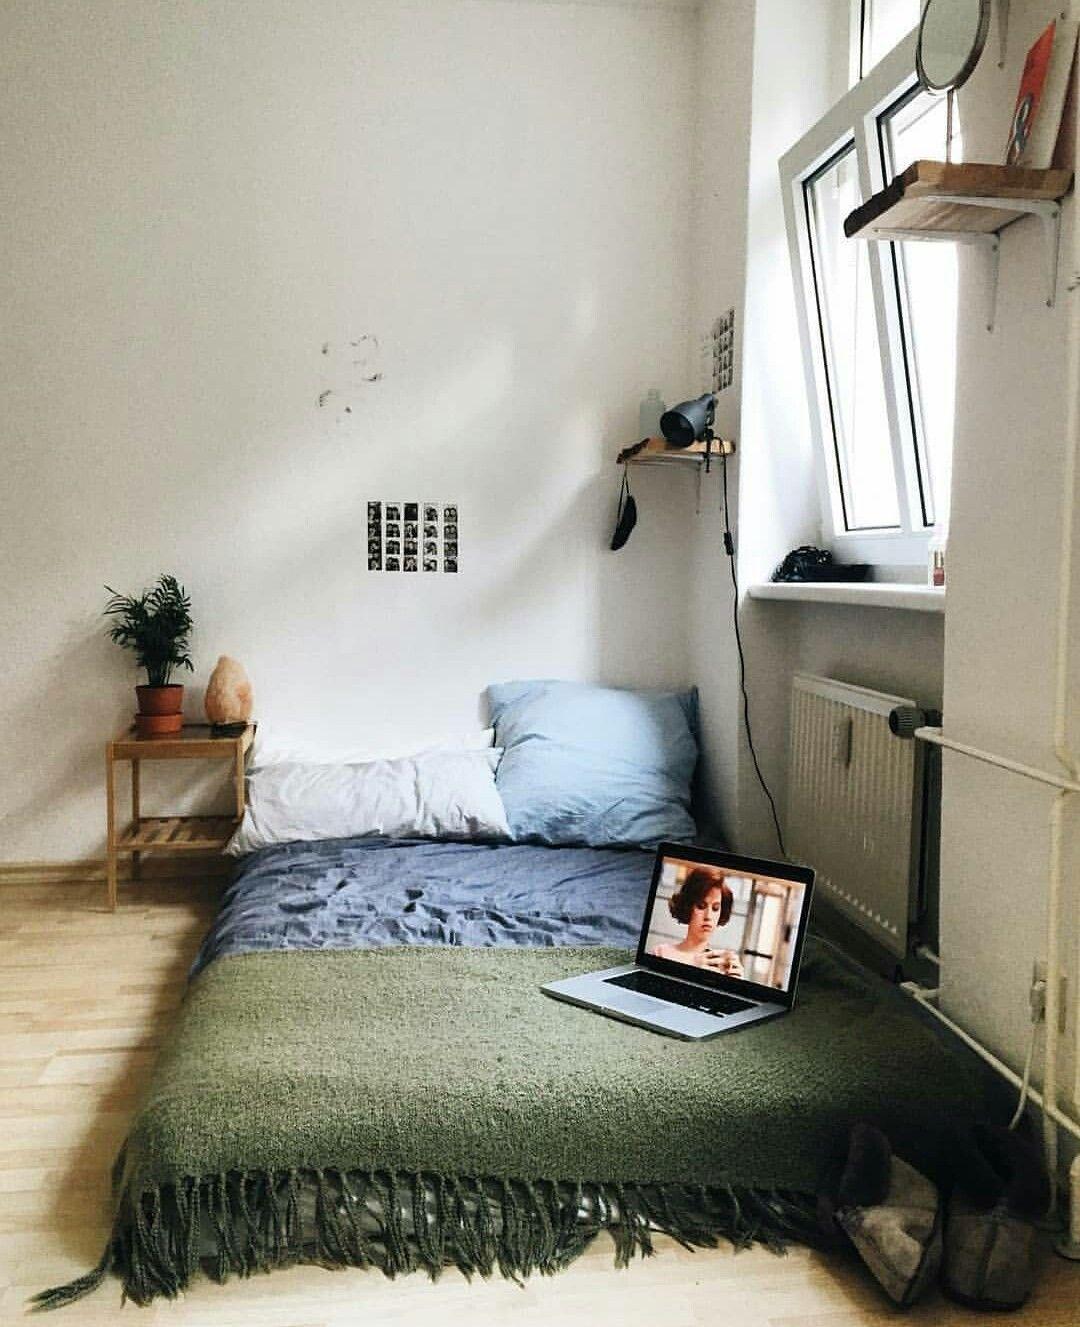 60 Best Minimalist Apartment Design Ideas Images Minimalist Bedroom Decor Minimalist Home Bedroom Interior Minimalist bedroom design concept